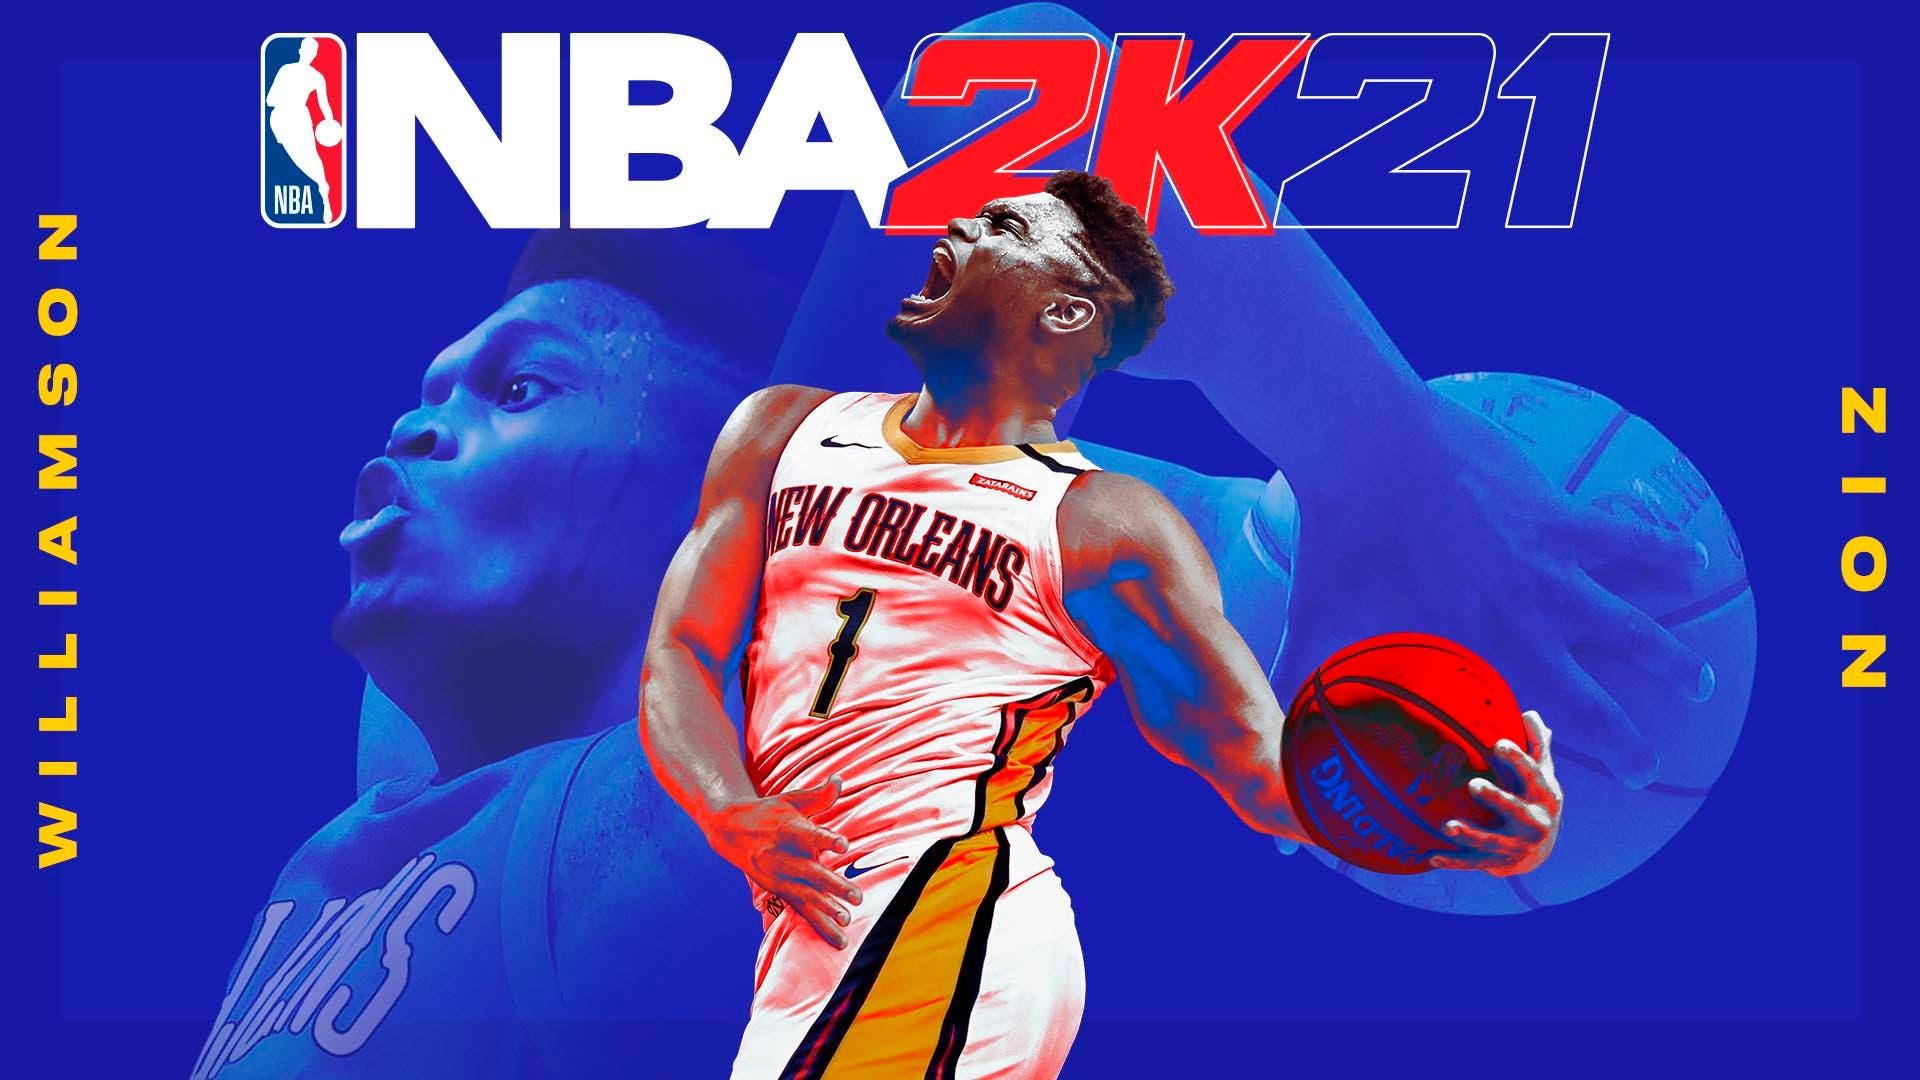 Confirmado otro jugador para la portada de NBA 2k21 para la versión de Xbox Series X 7